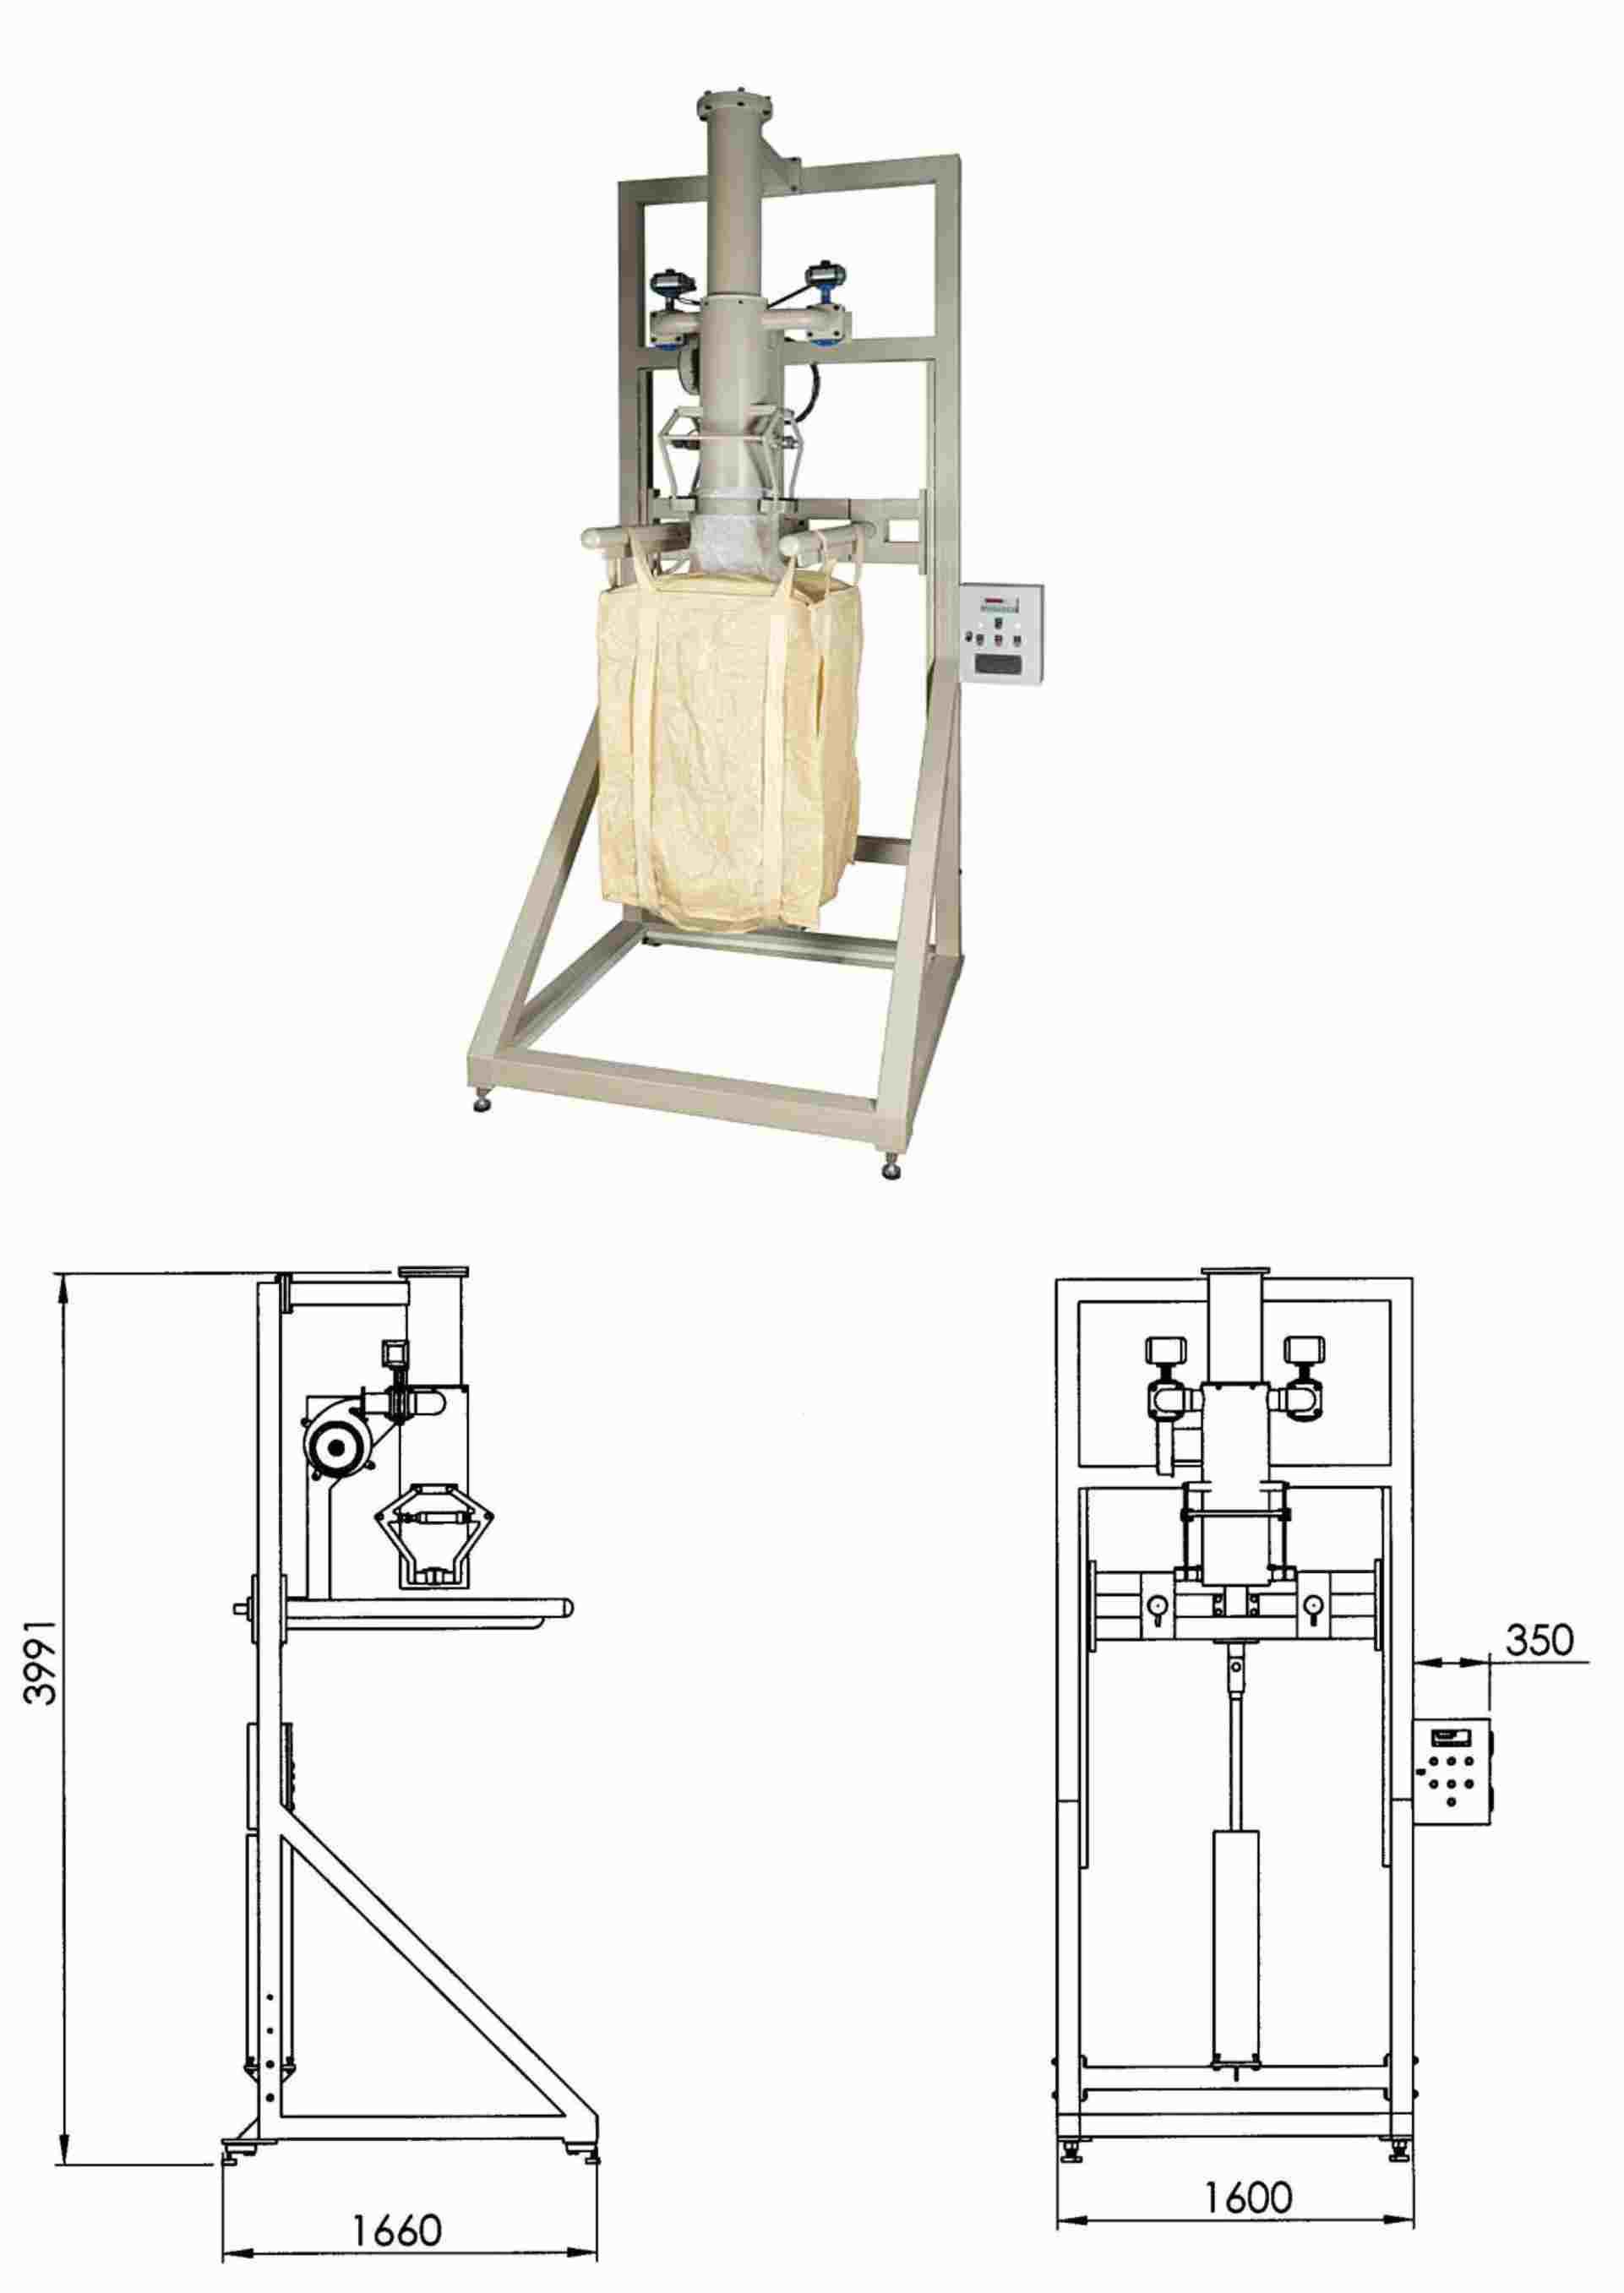 مشخصات فنـی:<br/><br/>ابعاد دستگاه 4000 &#215; ( 1600 &#215; 1600 ) میلیمتر<br/><br/>ظرفیت کیسه ها : 500 الی 2000 کیلوگرم<br/><br/>دقت توزین : 2&#177; الی 5&#177; کیلوگرم<br/><br/>سر industry industrial-machinery industrial-machinery